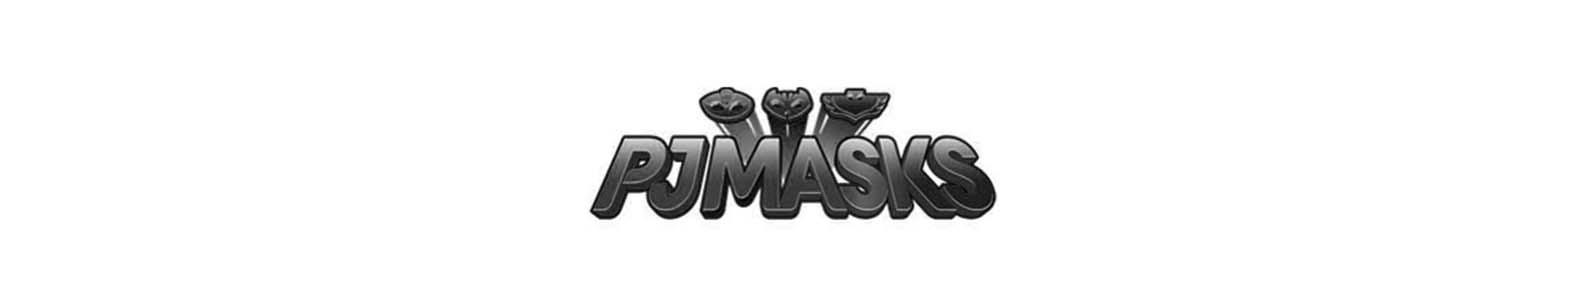 PJ Masks brand header image